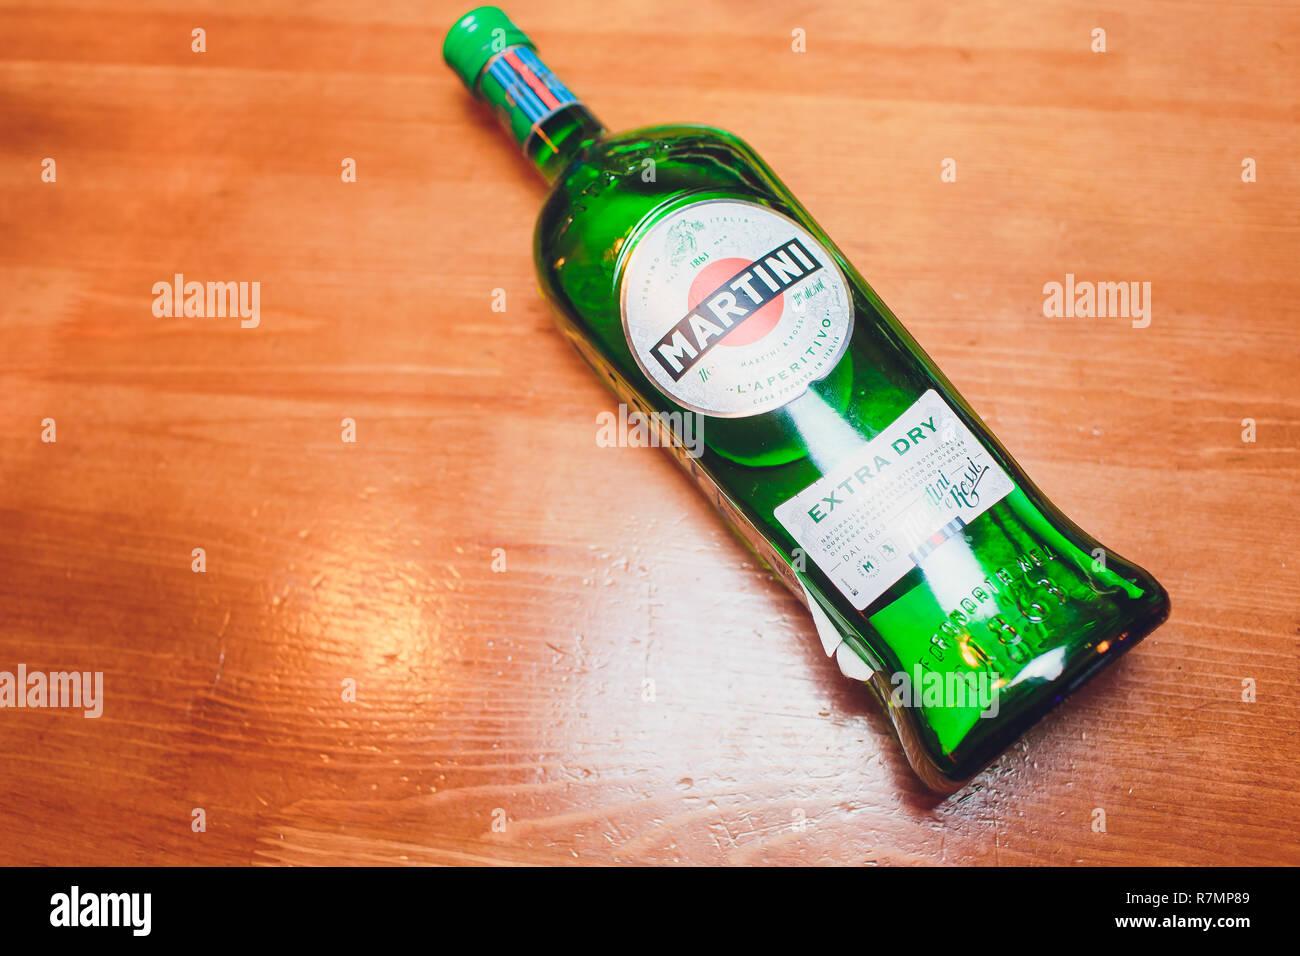 Ufa, Russia, Darling Bar, 20 November, 2018: Martini Vermouth, Bianco. Martini is a brand of Italian vermouth, named after the Martini Rossi Distilleria Nazionale di Spirito di Vino. - Stock Image